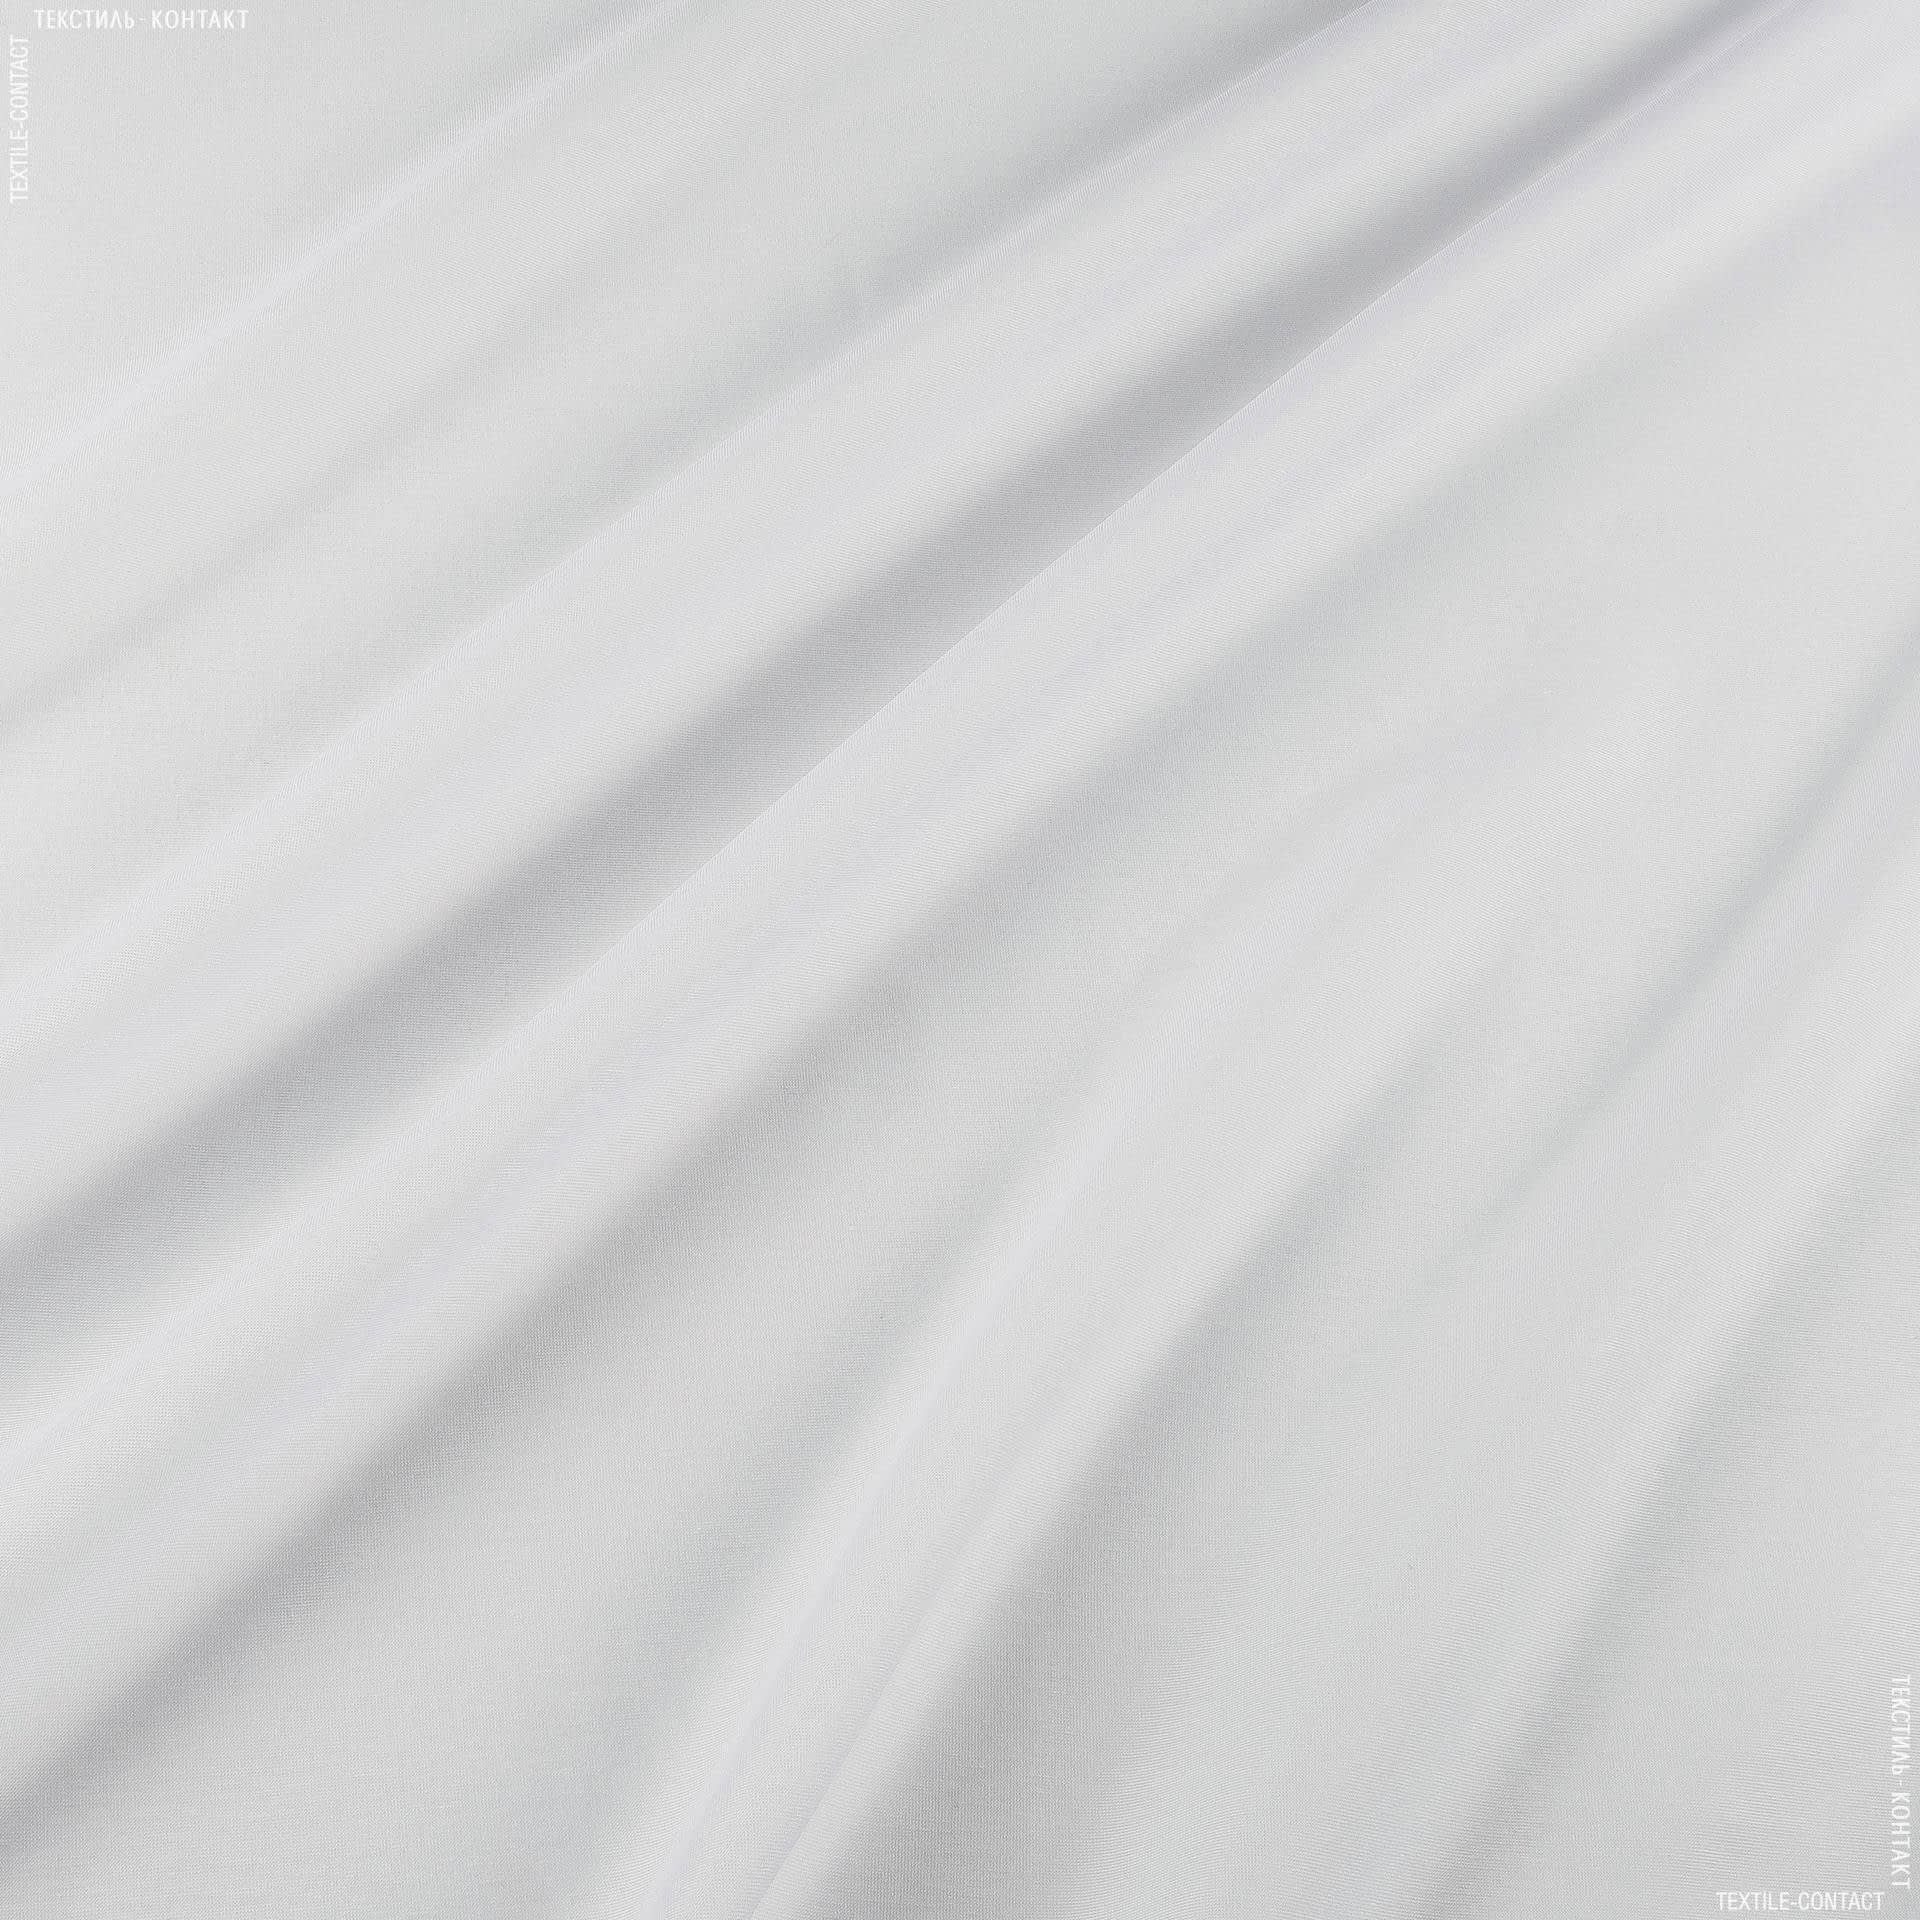 Ткани гардинные ткани - Тюль с утяжелителем  батист арм/arm  бело-лиловый